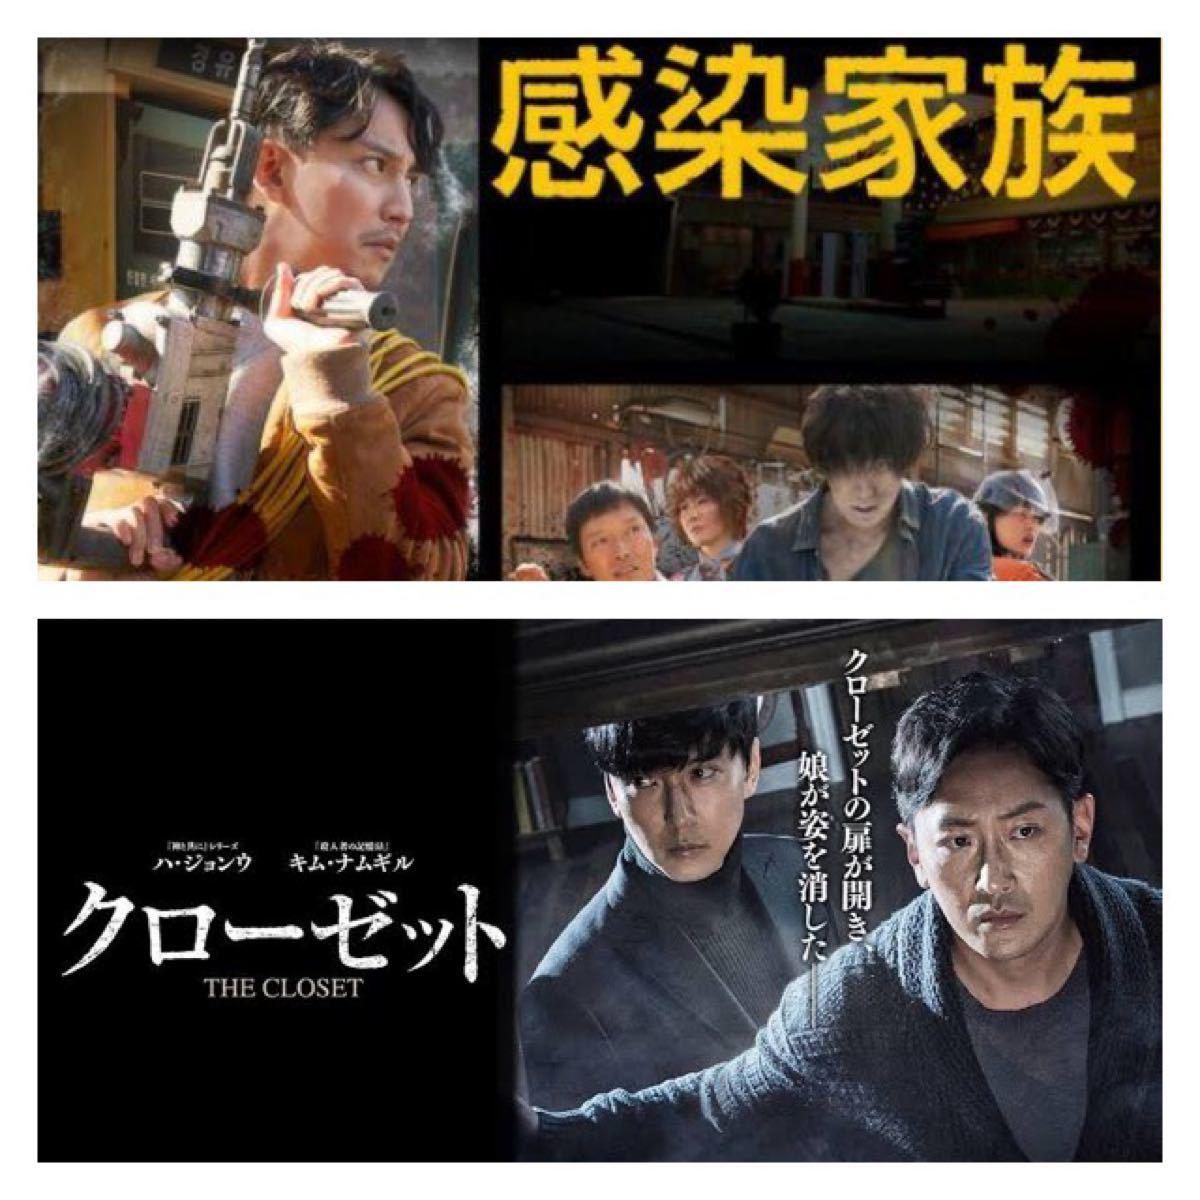 韓国映画DVD2枚セット【キム・ナムギル出演作品】